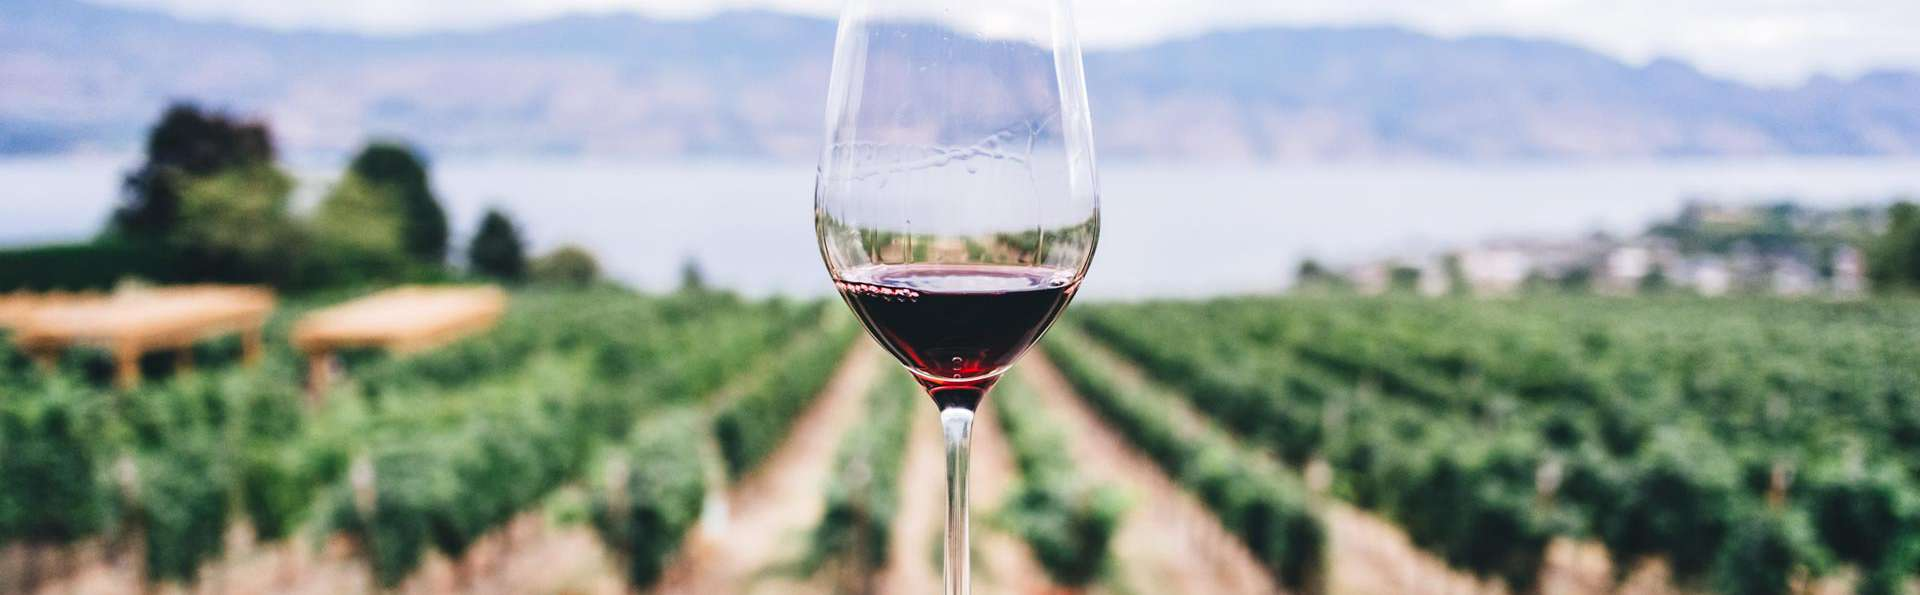 Élégance et gastronomie avec dégustation de vin à Chianciano Terme